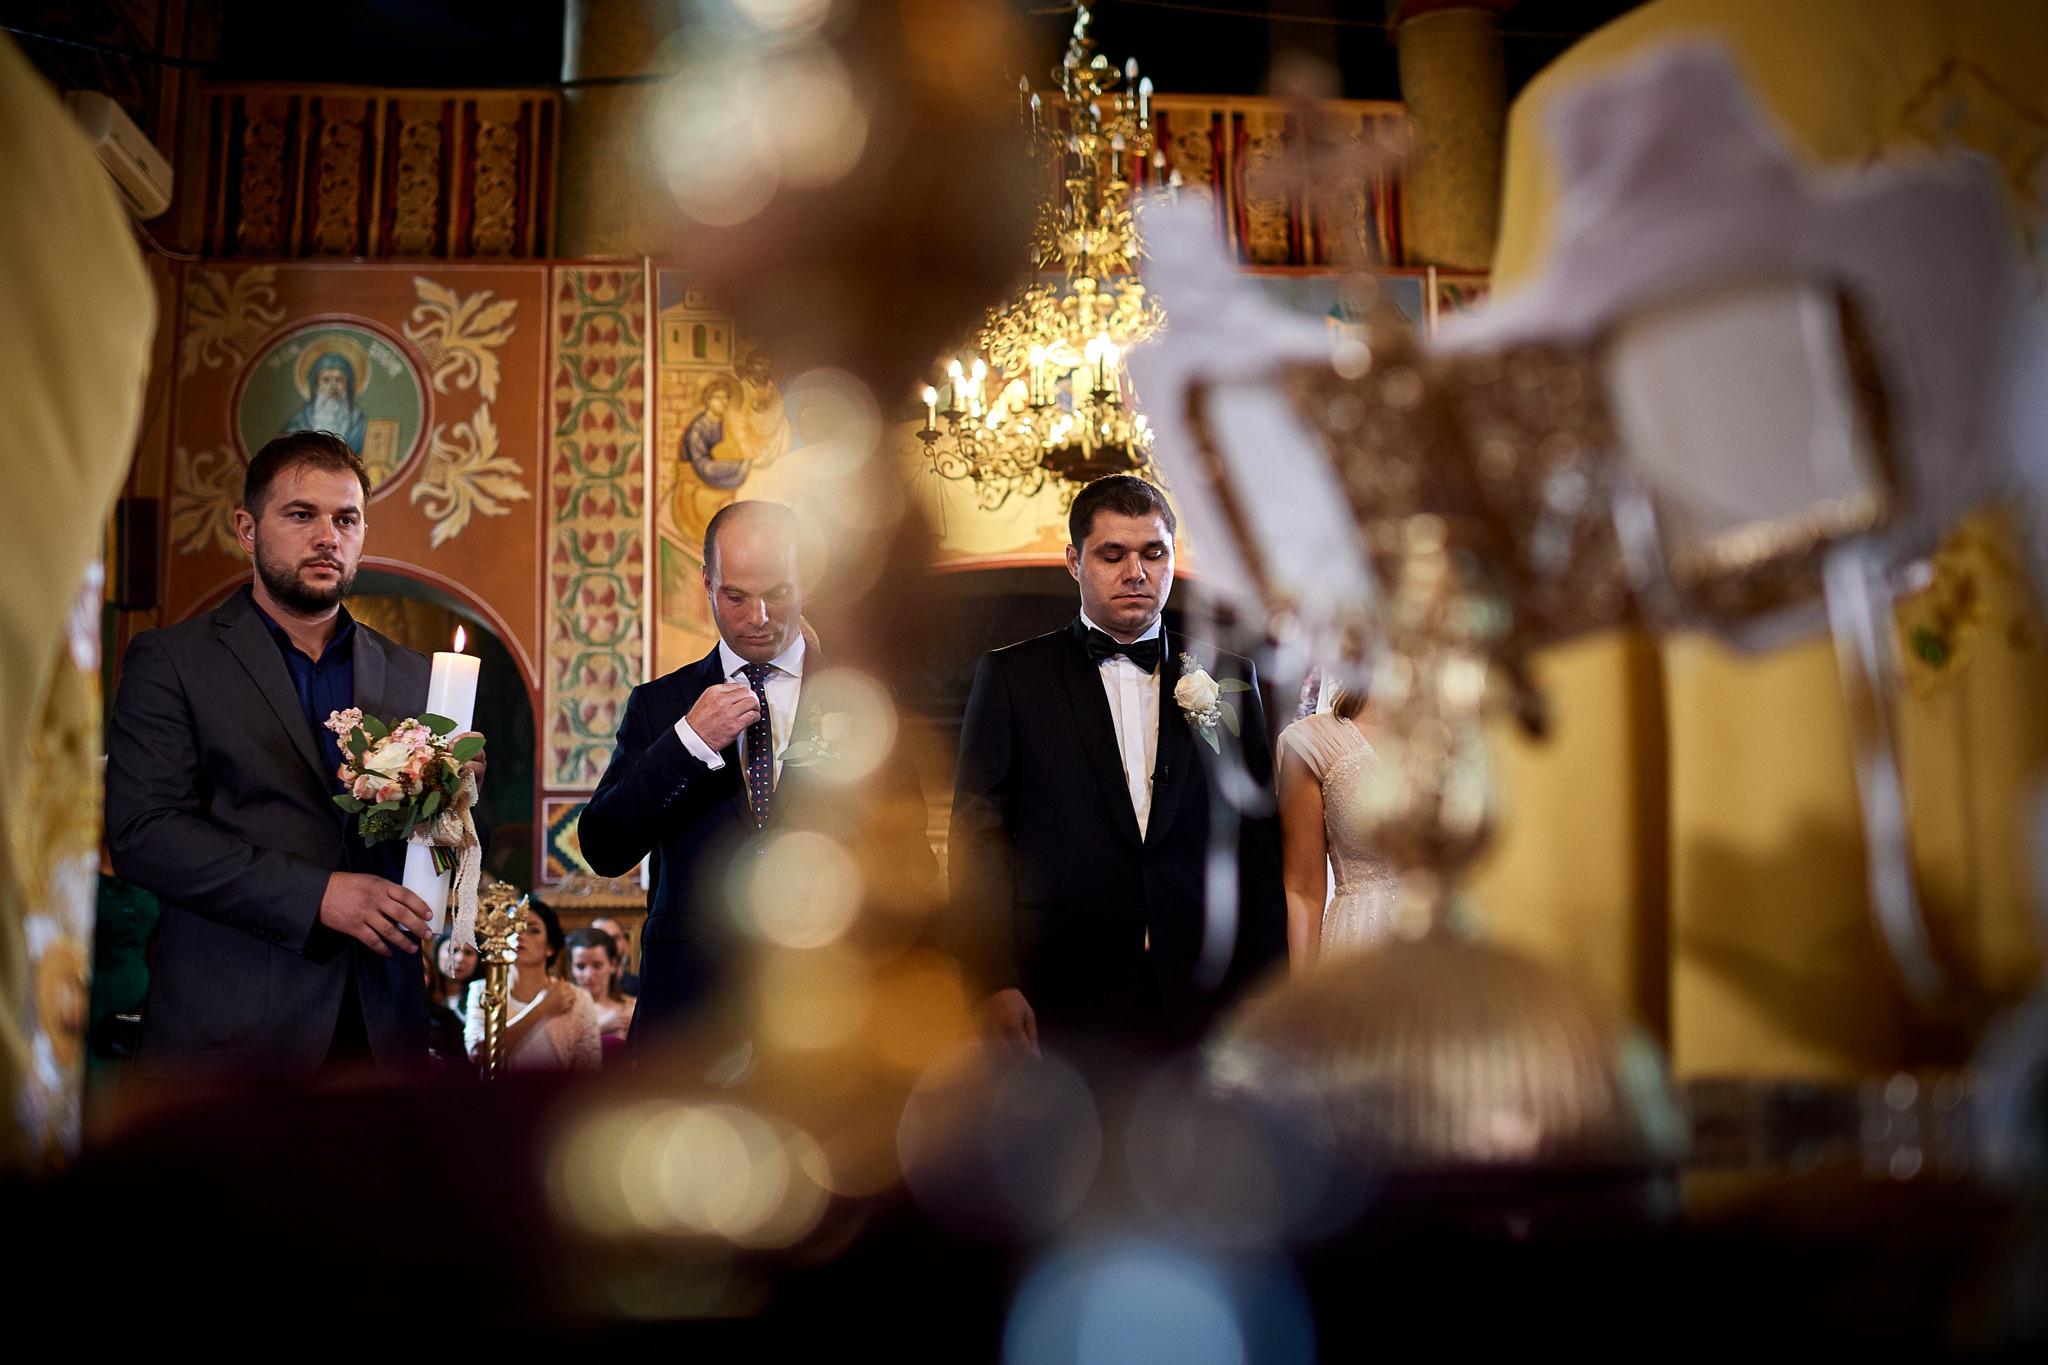 24 fotograf profesionist de nunta bucuresti